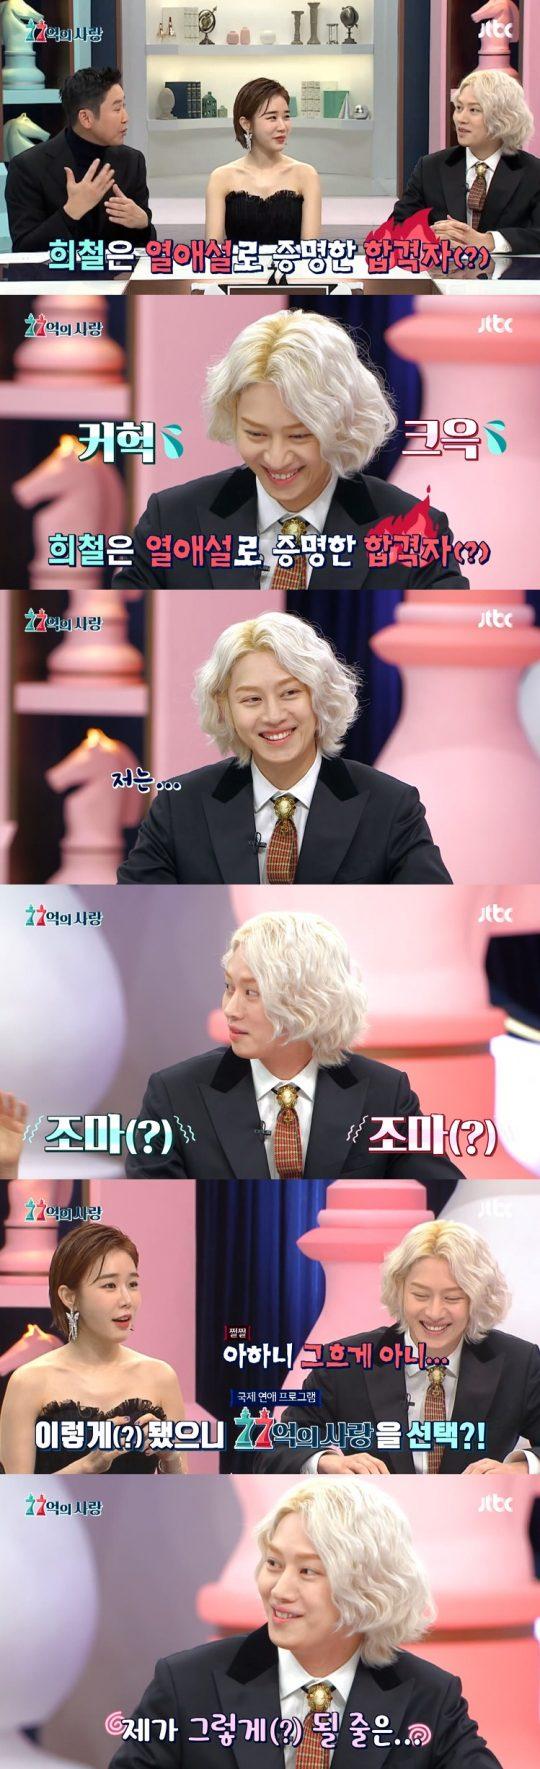 JTBC '77억의 사랑' 방송화면. /